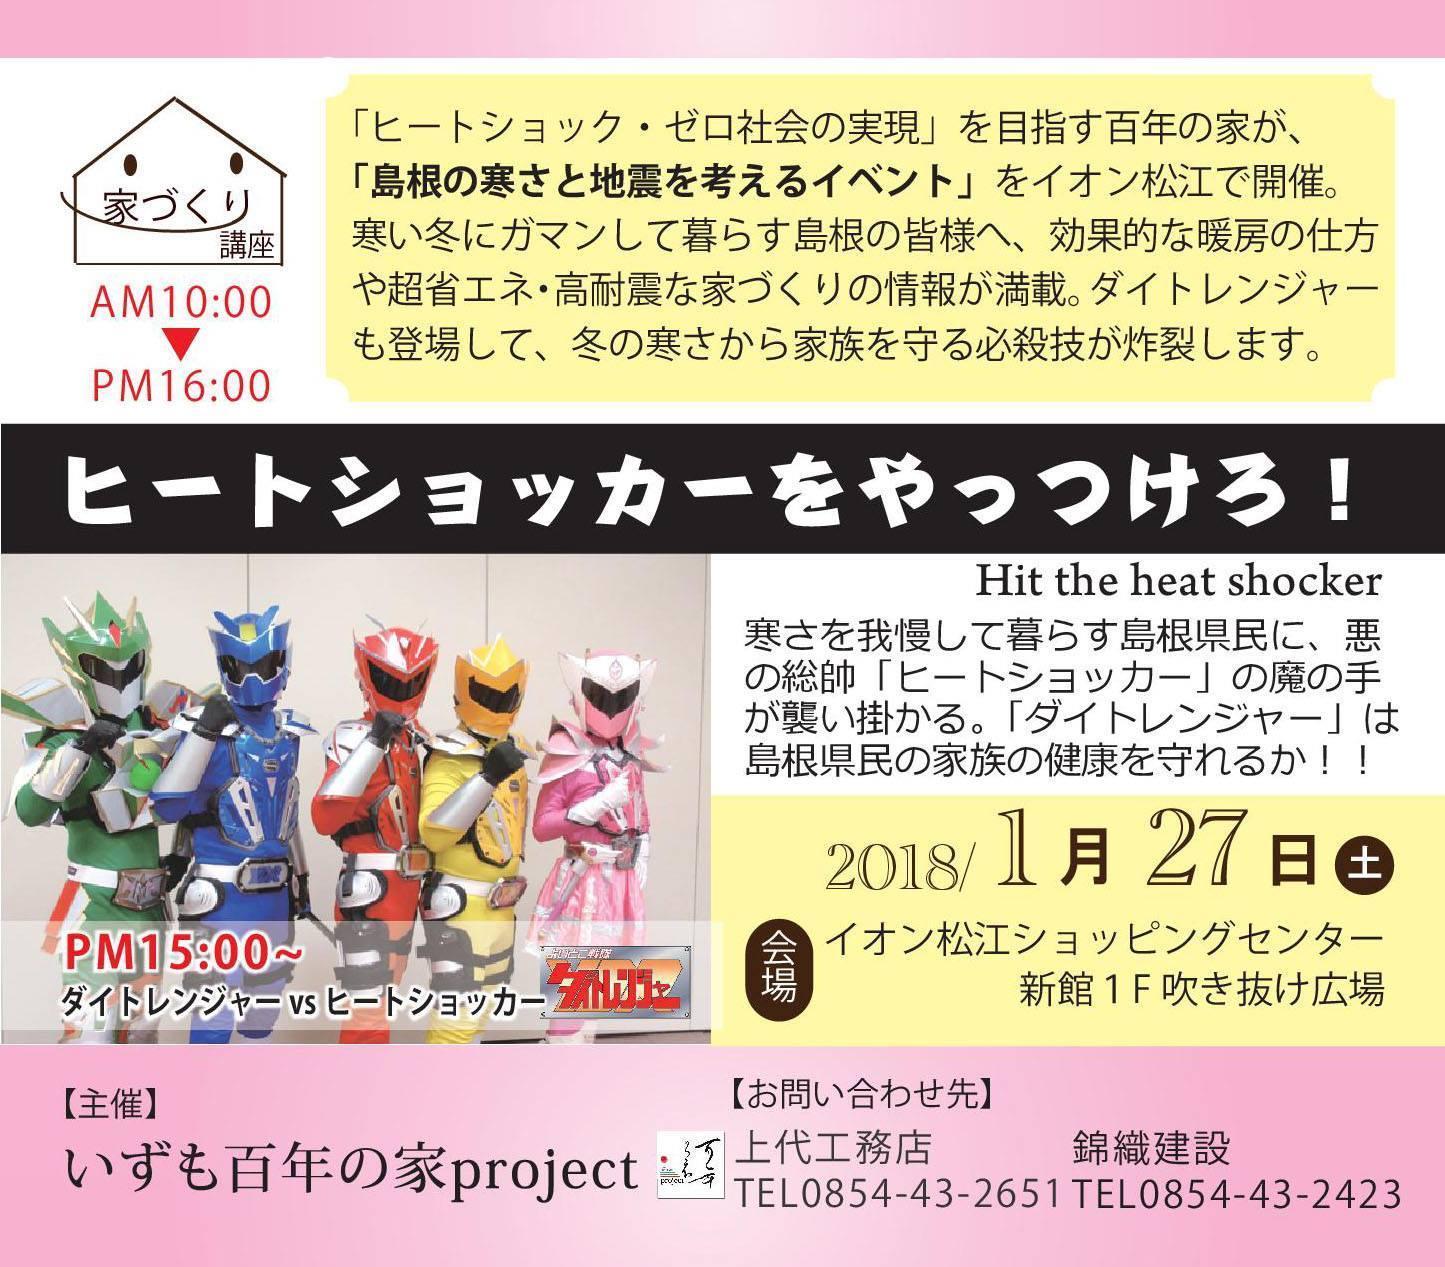 http://www.nishikoori.jp/images/24785254_1554765567922092_5478714574937299515_o.jpg